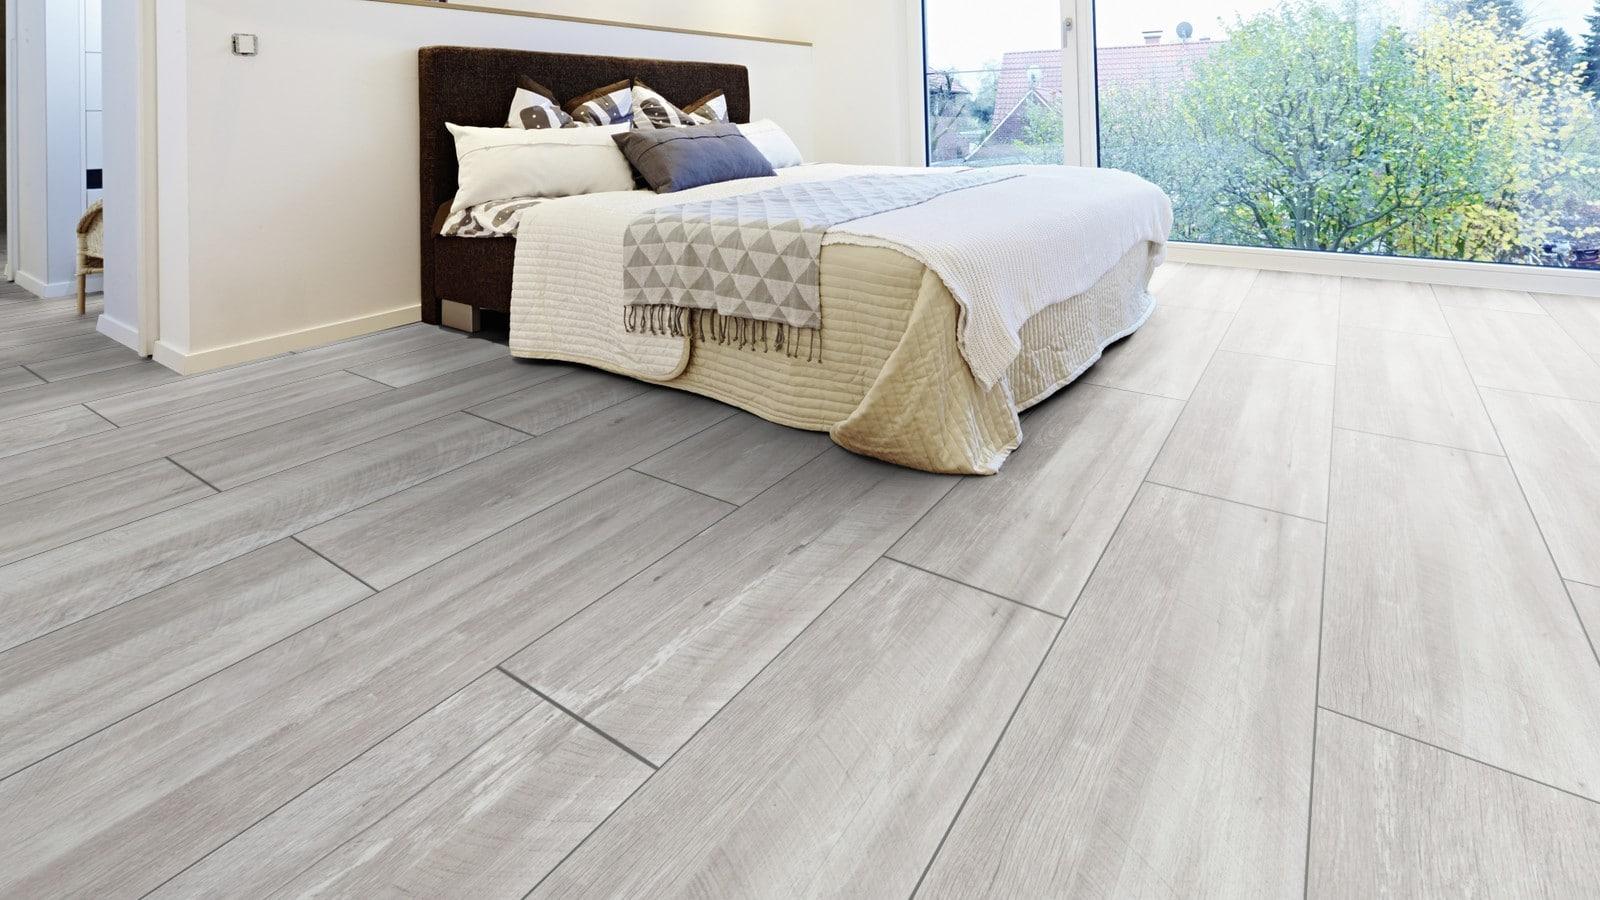 La02a Ter Hürne Old Wood White Grey Laminate Tile Bedroom